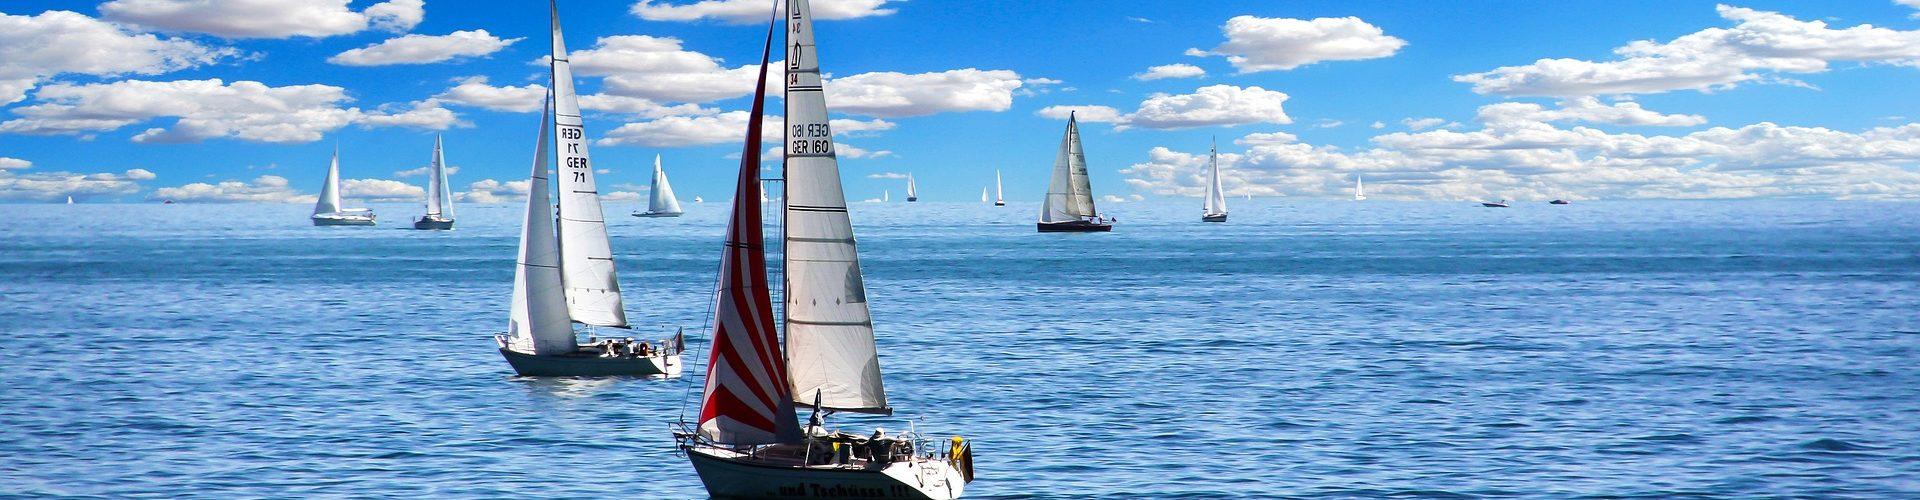 segeln lernen in Rimsting segelschein machen in Rimsting 1920x500 - Segeln lernen in Rimsting